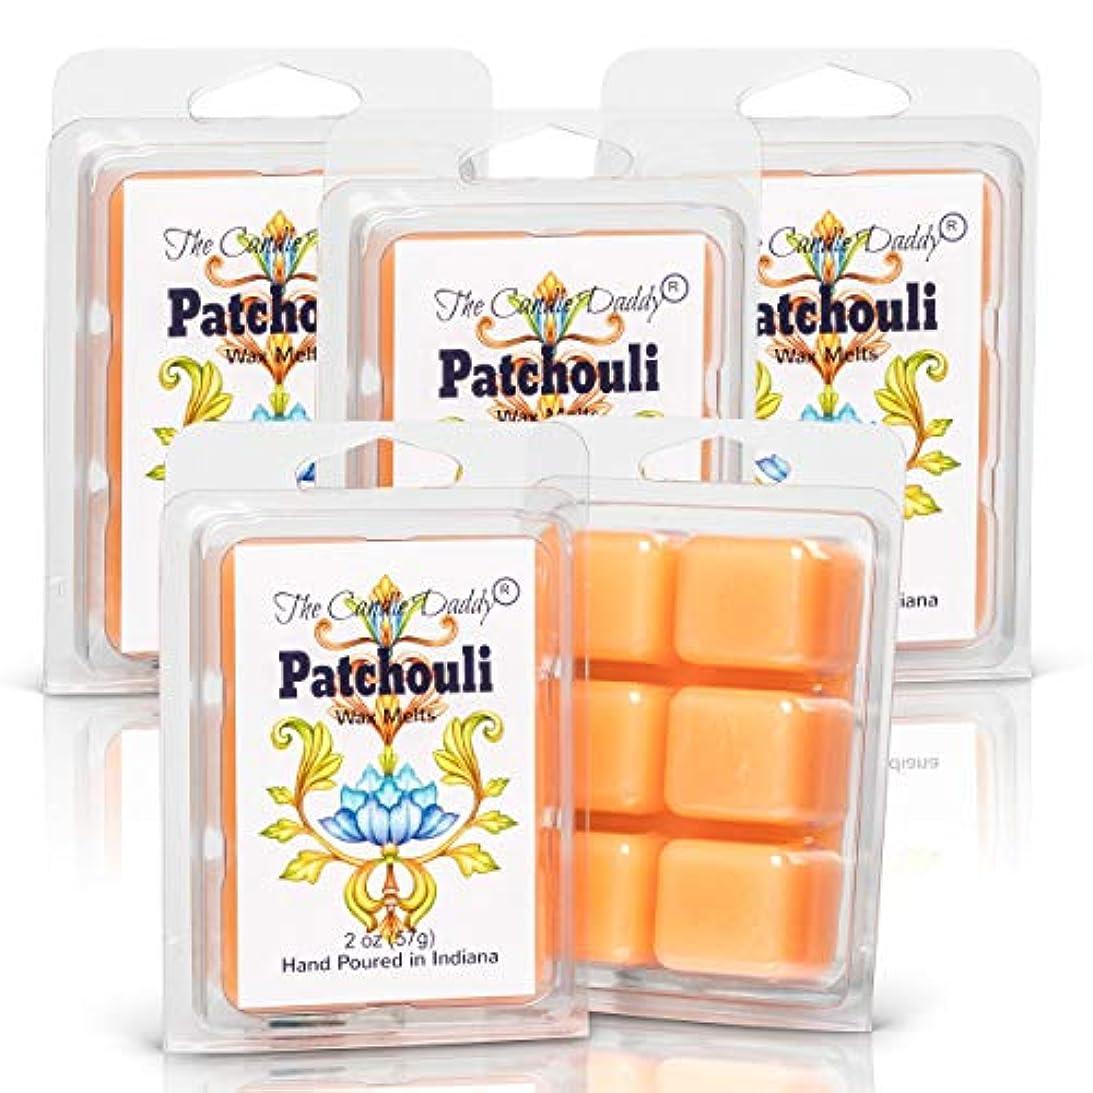 ドレスクルーズブレイズThe Candle Daddy Patchouli - 最大香りのワックスキューブ/タルト/メルト- 5パック-10オンス 合計30個